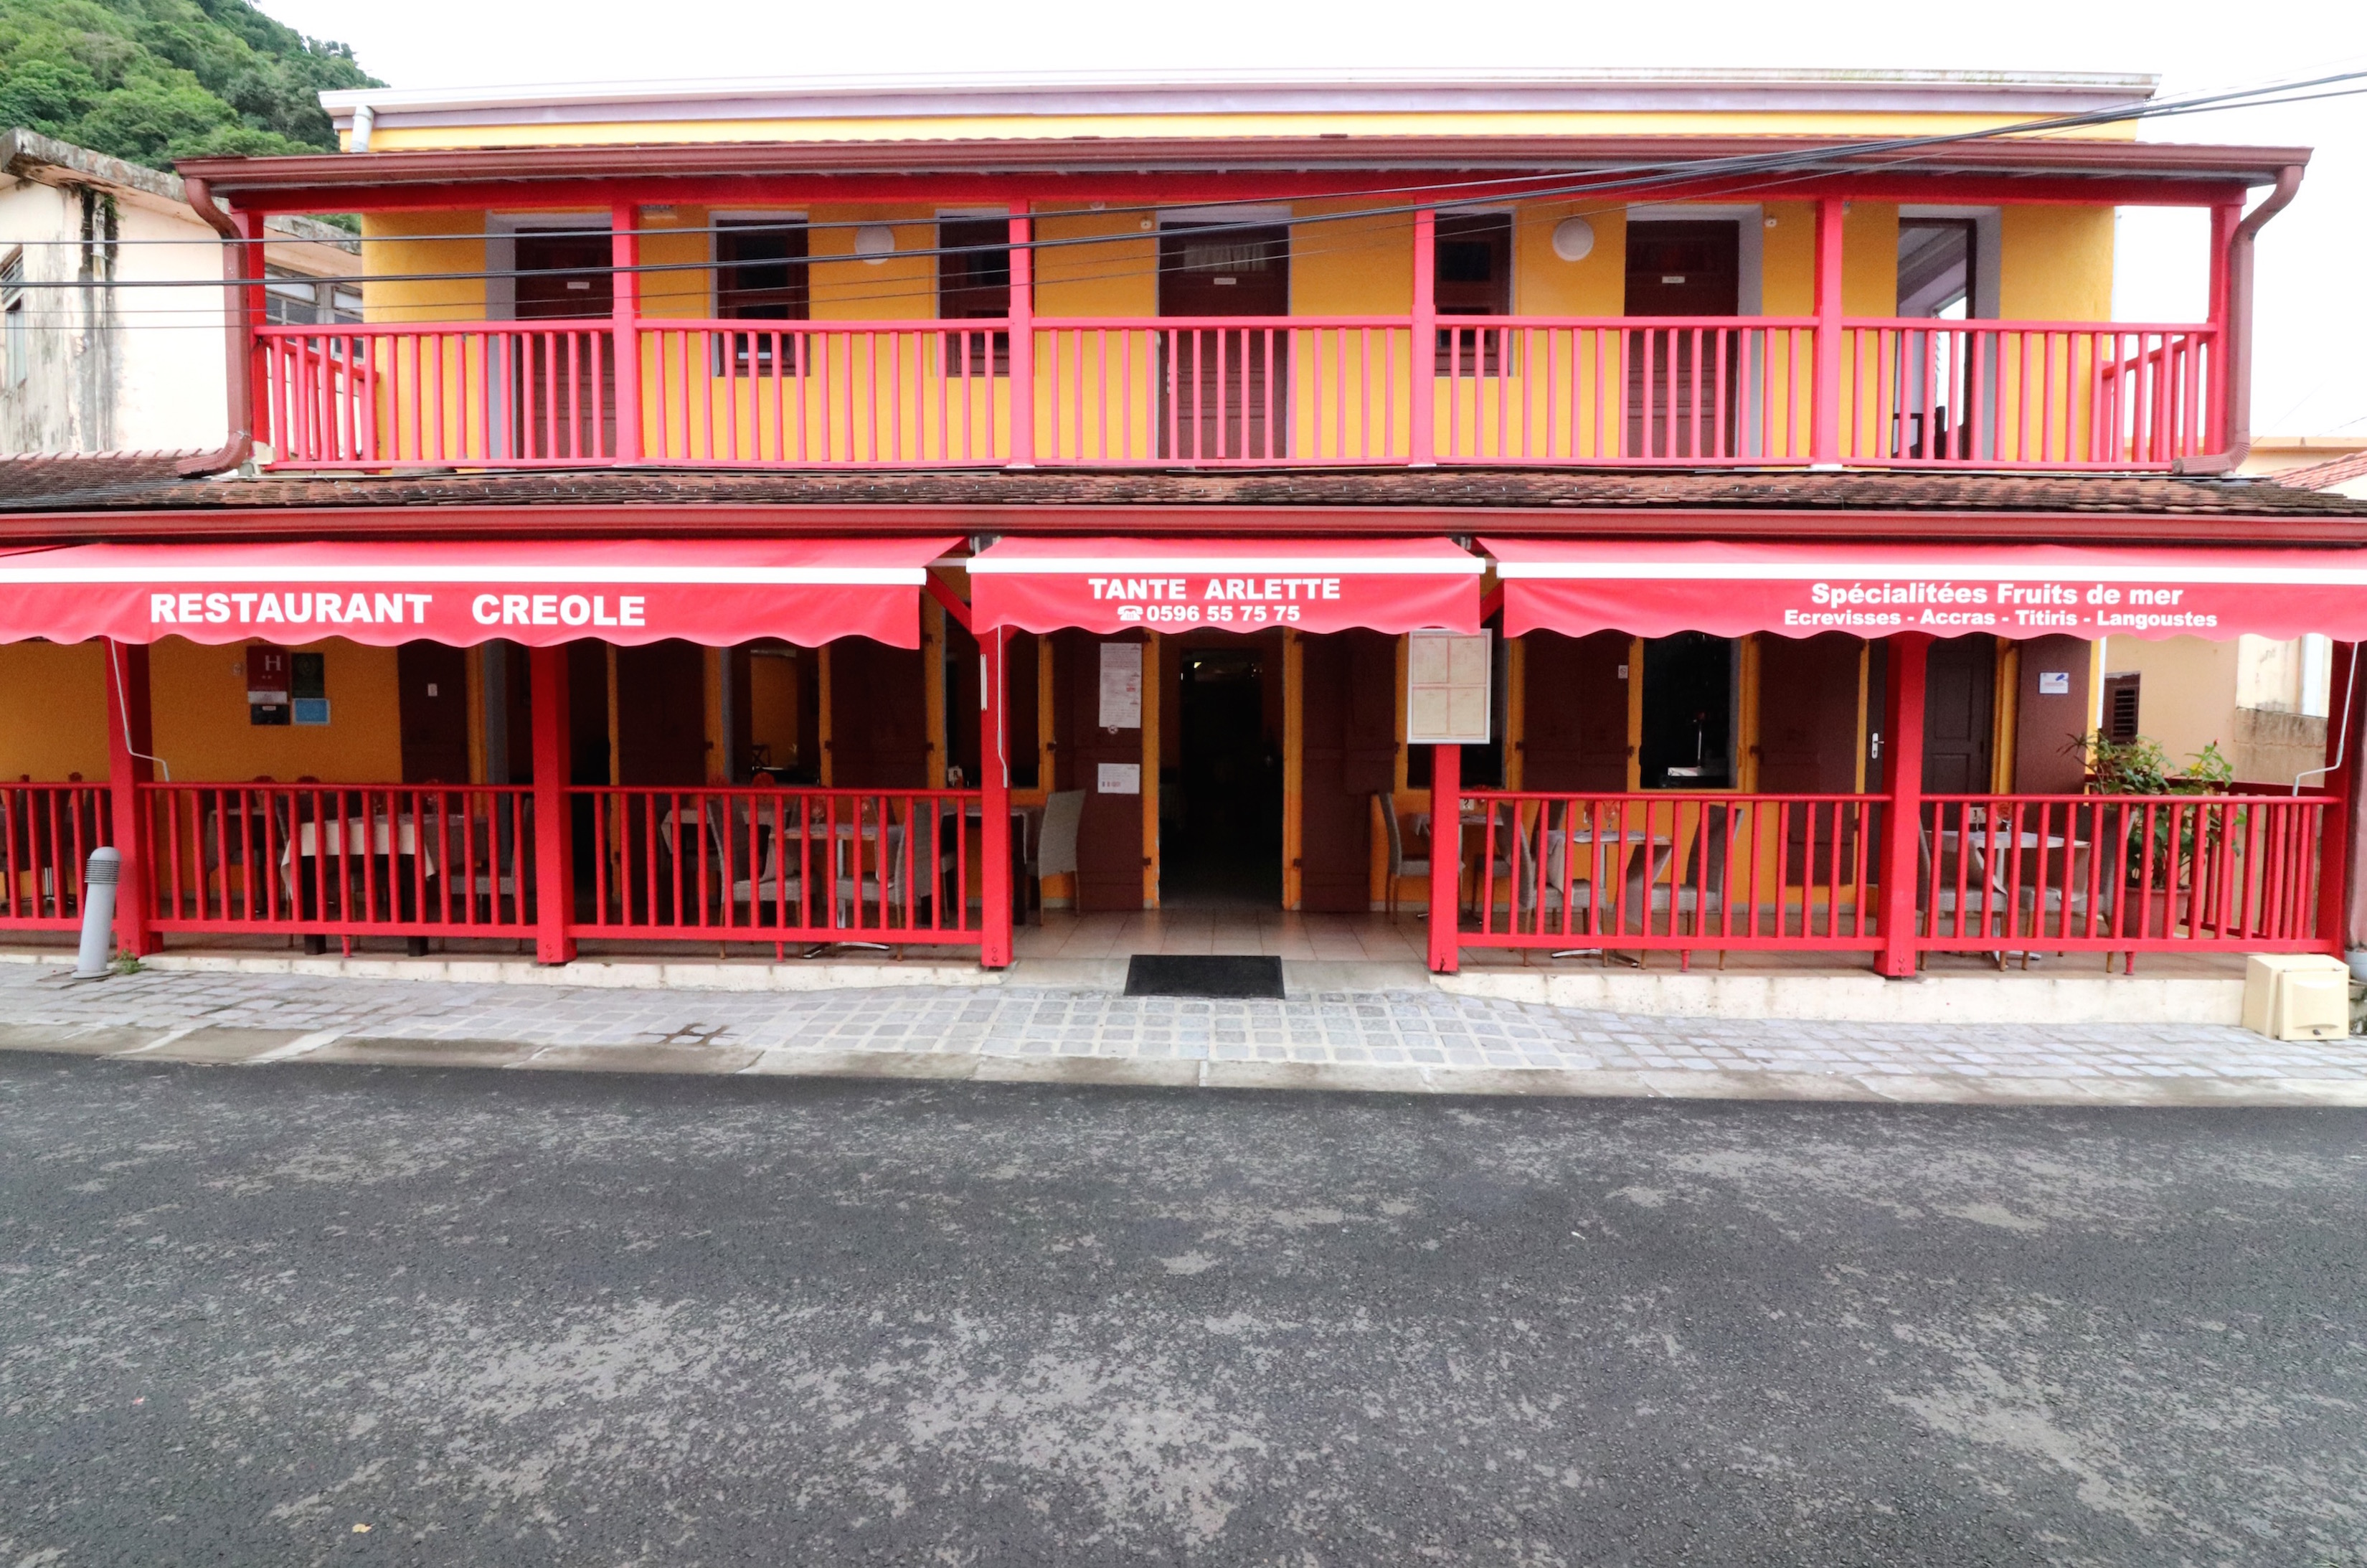 Tante Arlette restaurant Martinique